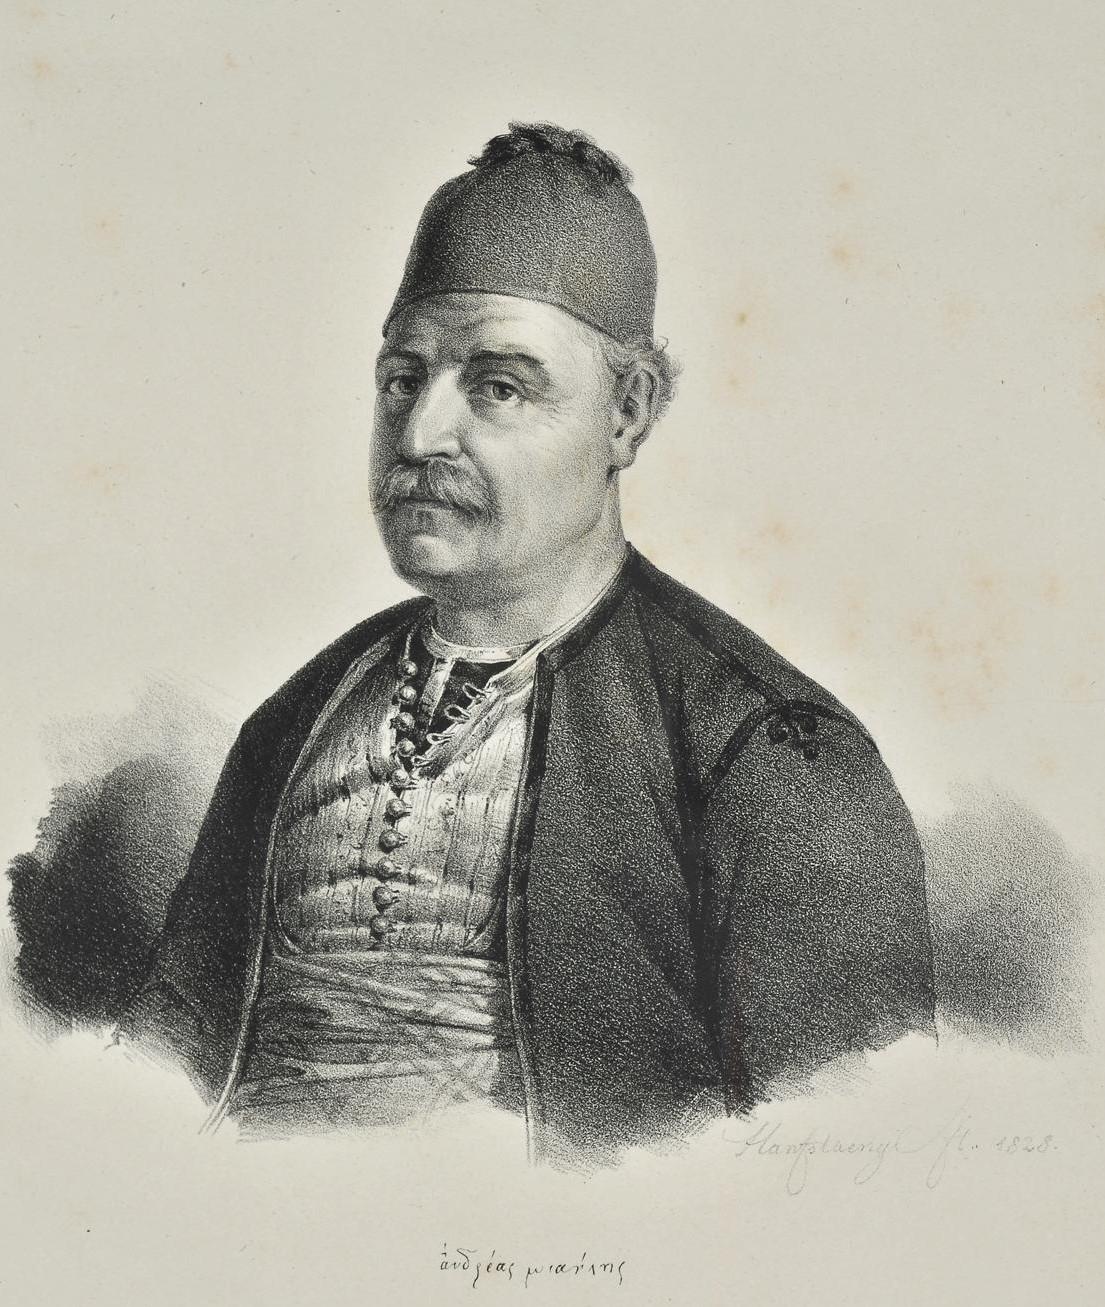 Andreas Vokos, ismertebb nevén Miaoulis, a görög flottaparancsnok.